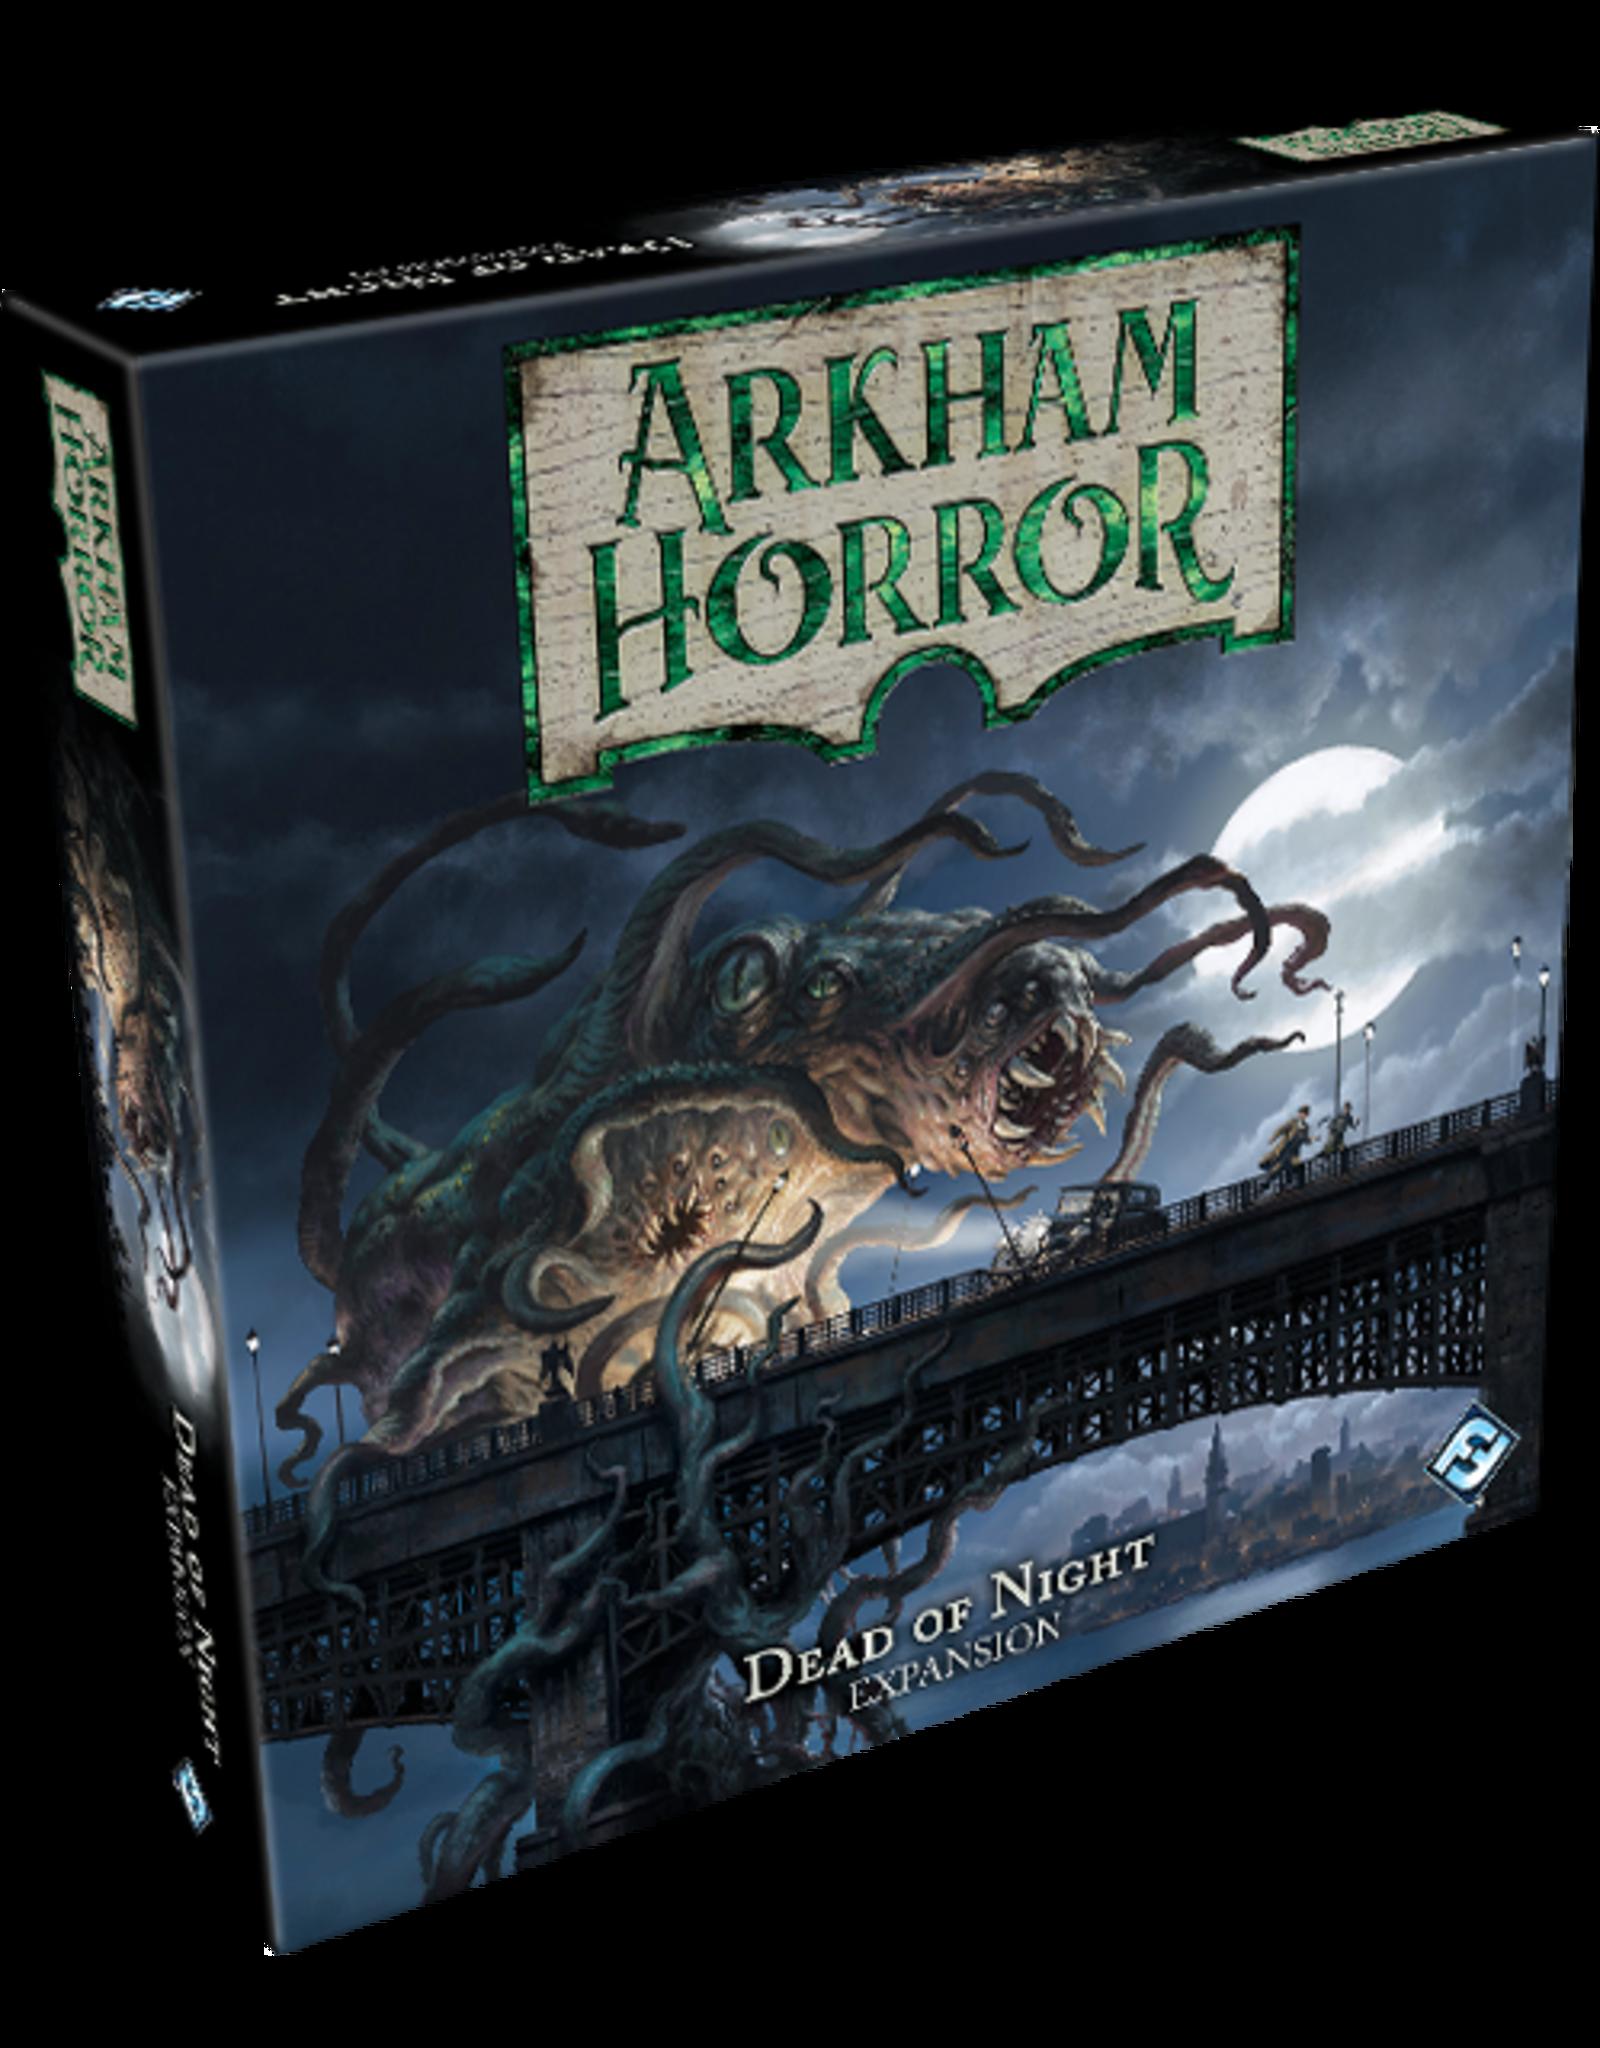 FANTASY FLIGHT ARKHAM HORROR 3RD EDITION: DEAD OF NIGHT (English)